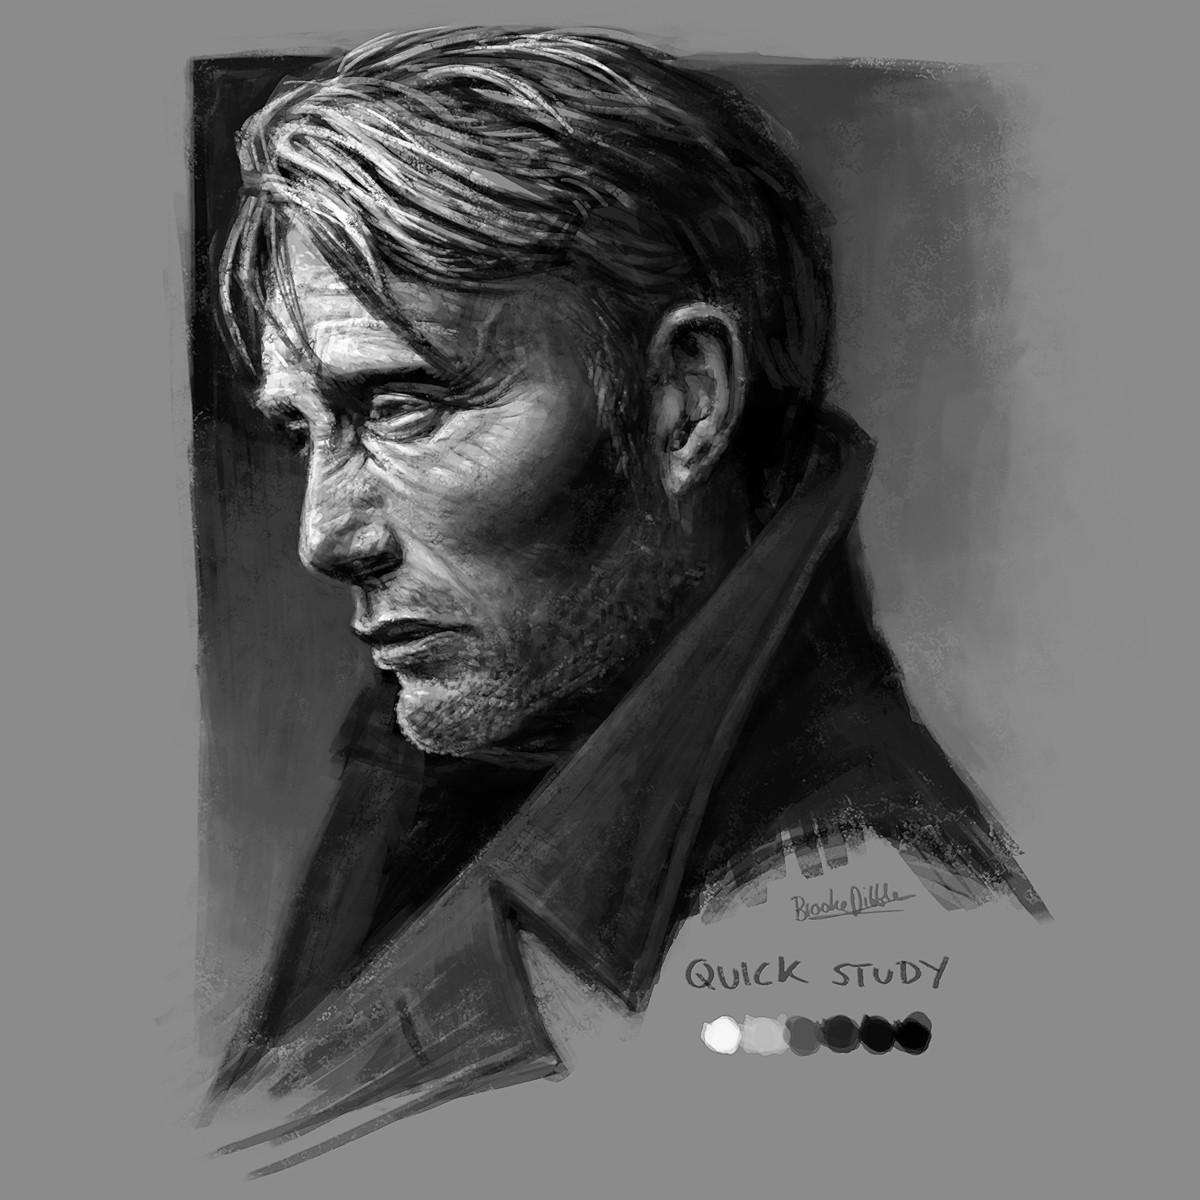 Mads Mikkelsen quick portrait study